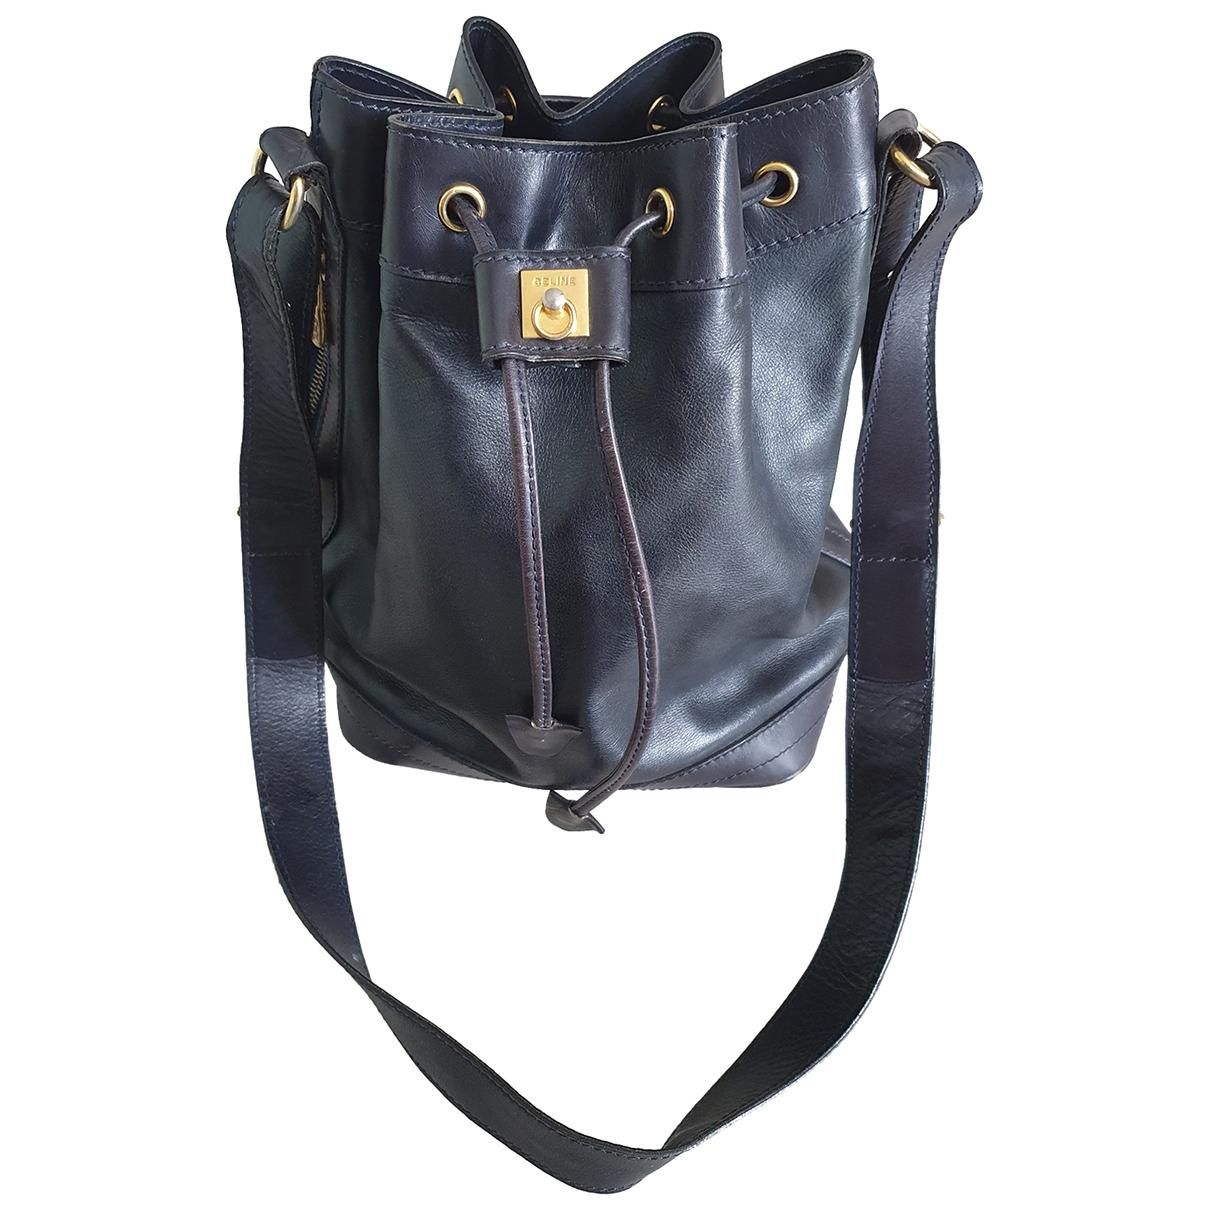 Celine \N Navy Leather handbag for Women \N